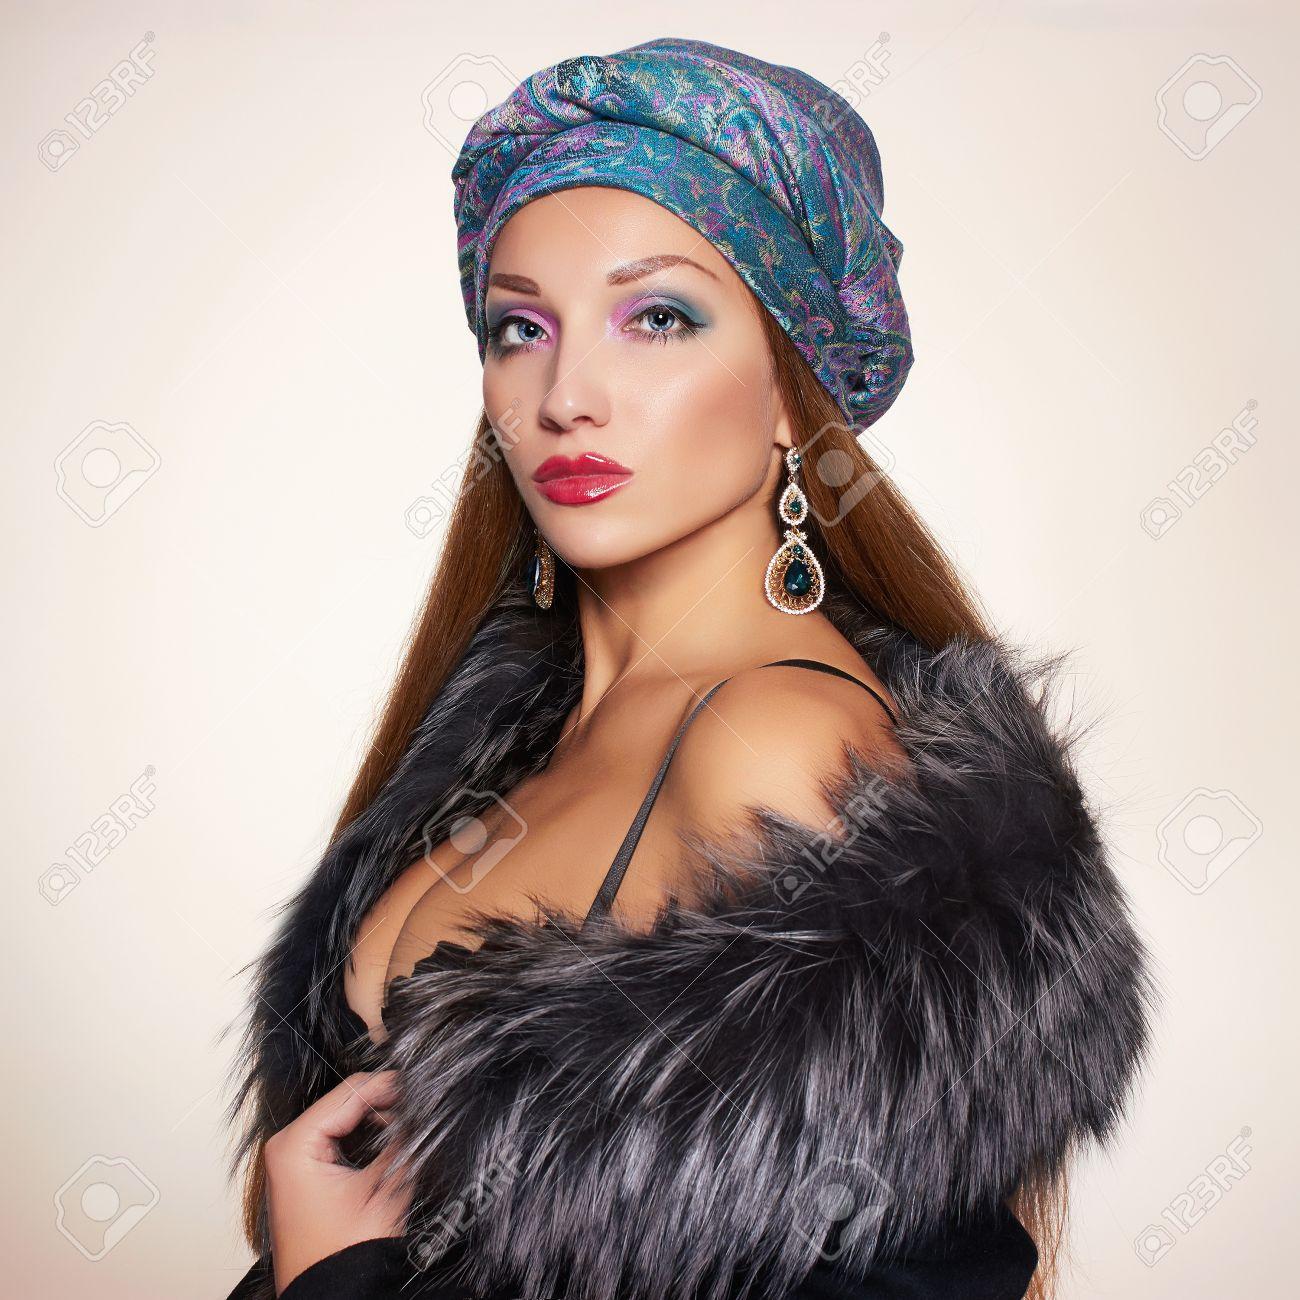 Mädchen Sexy Bilder mobil arabische Akt und